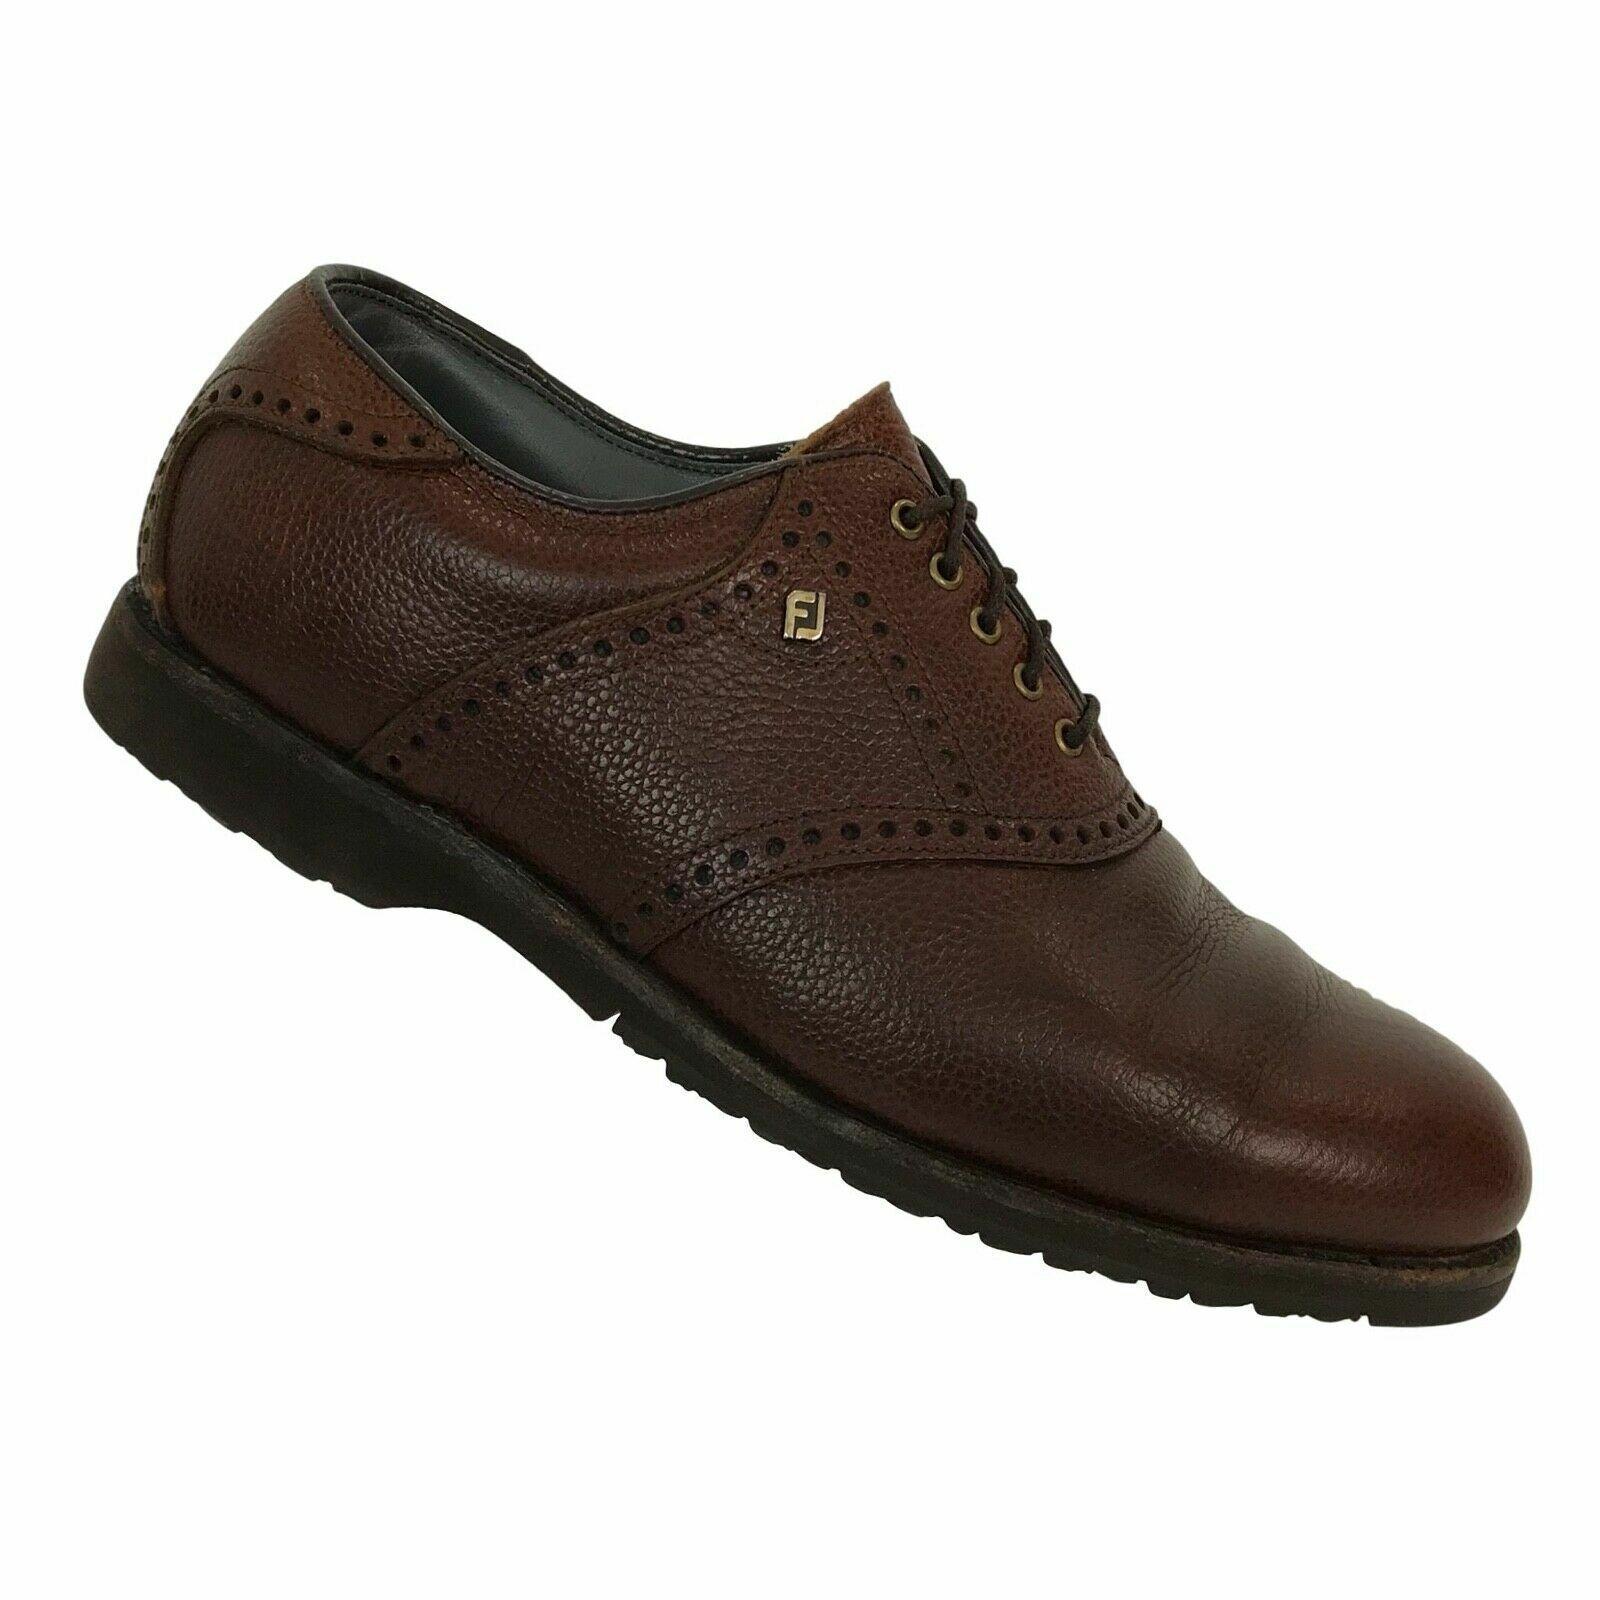 Footjoy Classics Men's Golf Shoes for